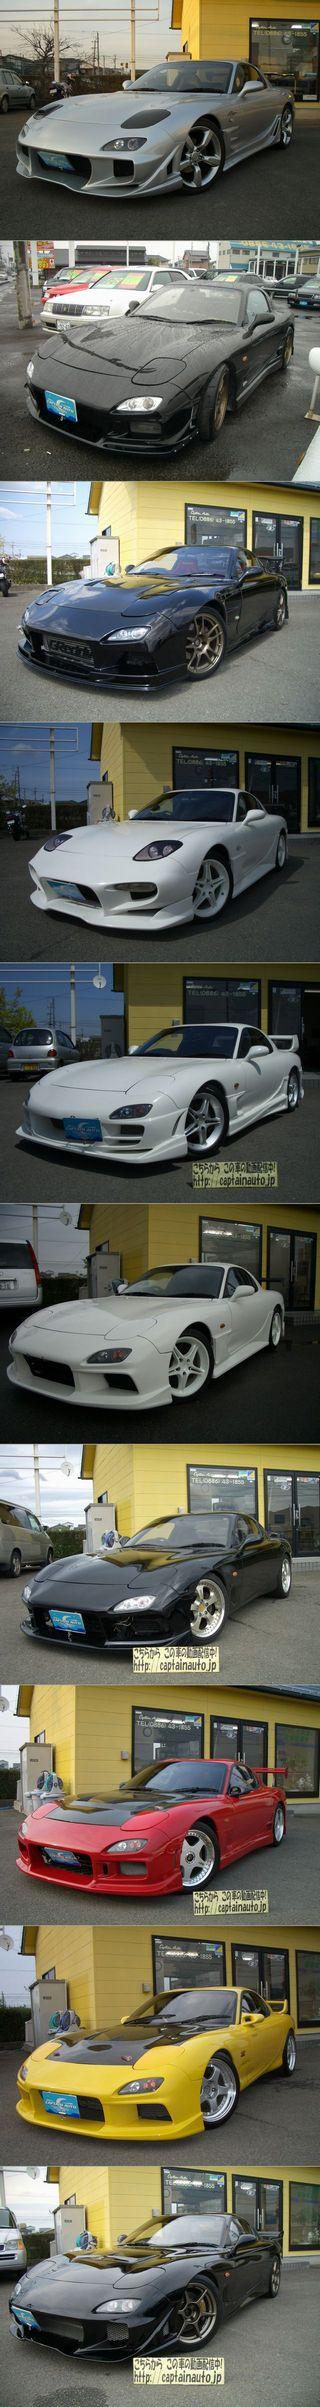 RX-7の車選び_f0207932_1757763.jpg